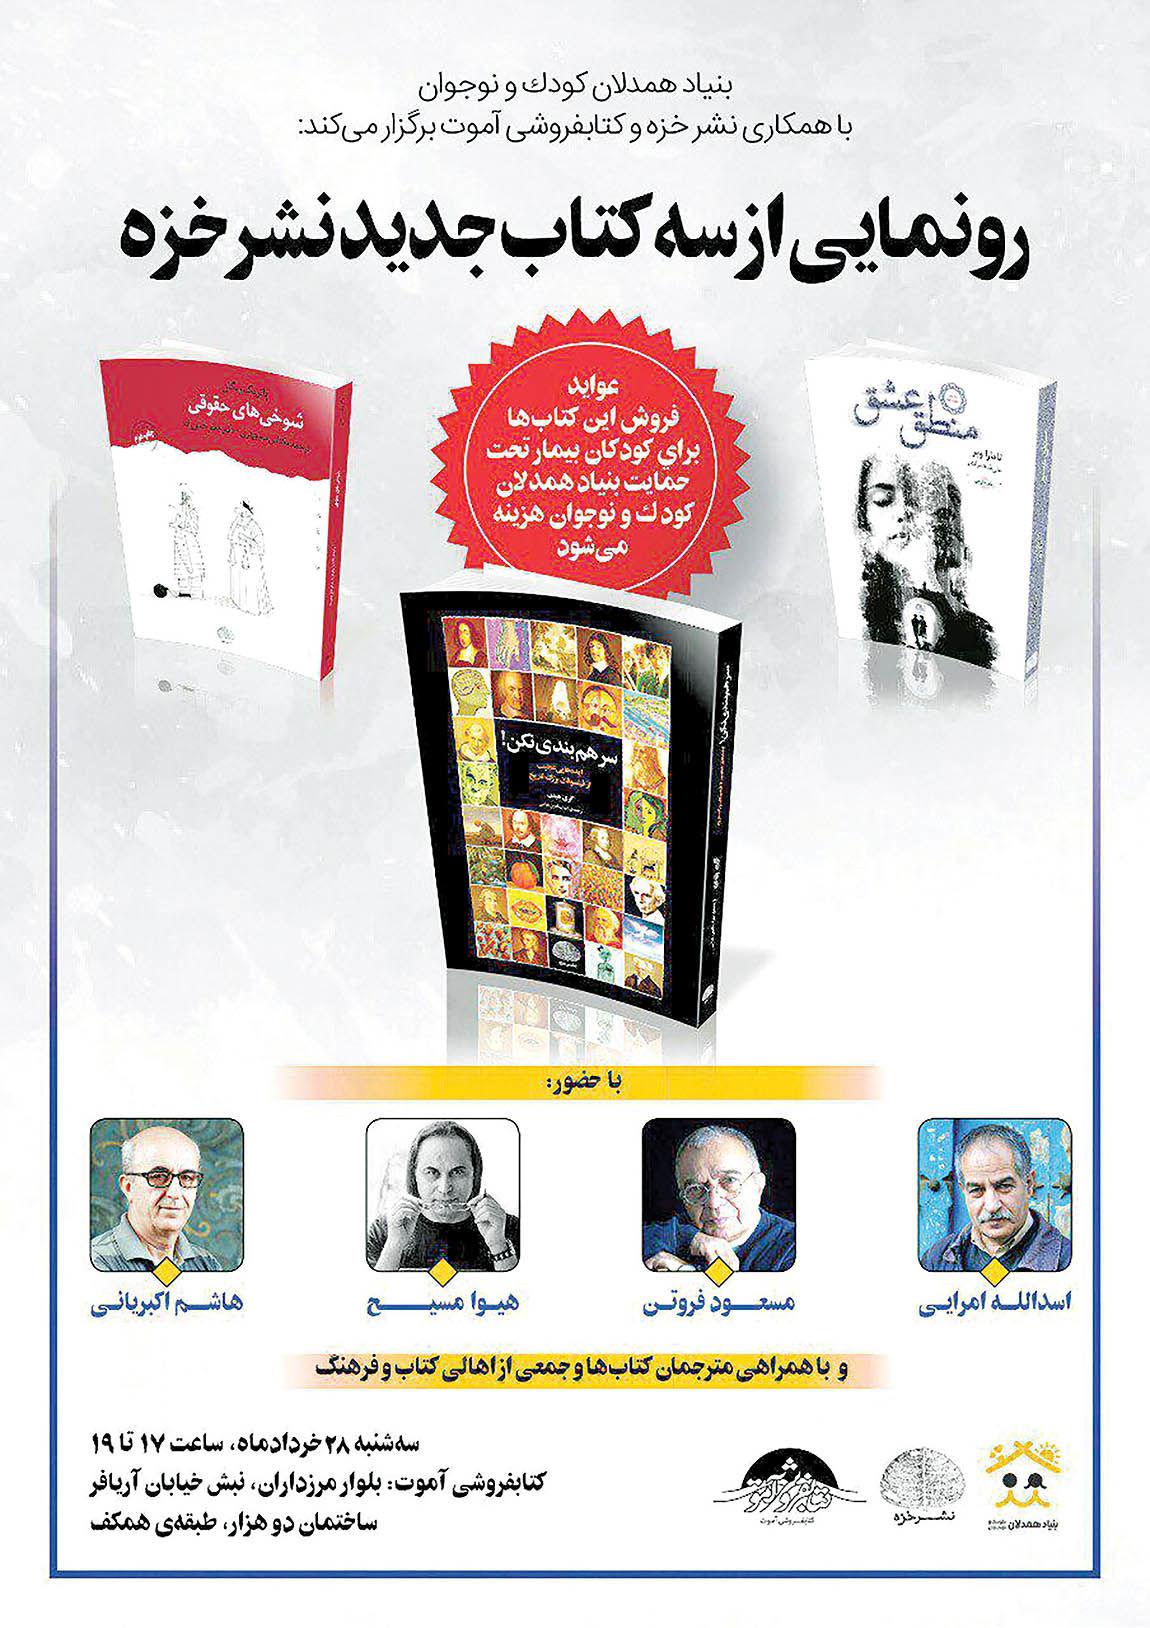 جشن امضای سه کتاب در یک کتابفروشی